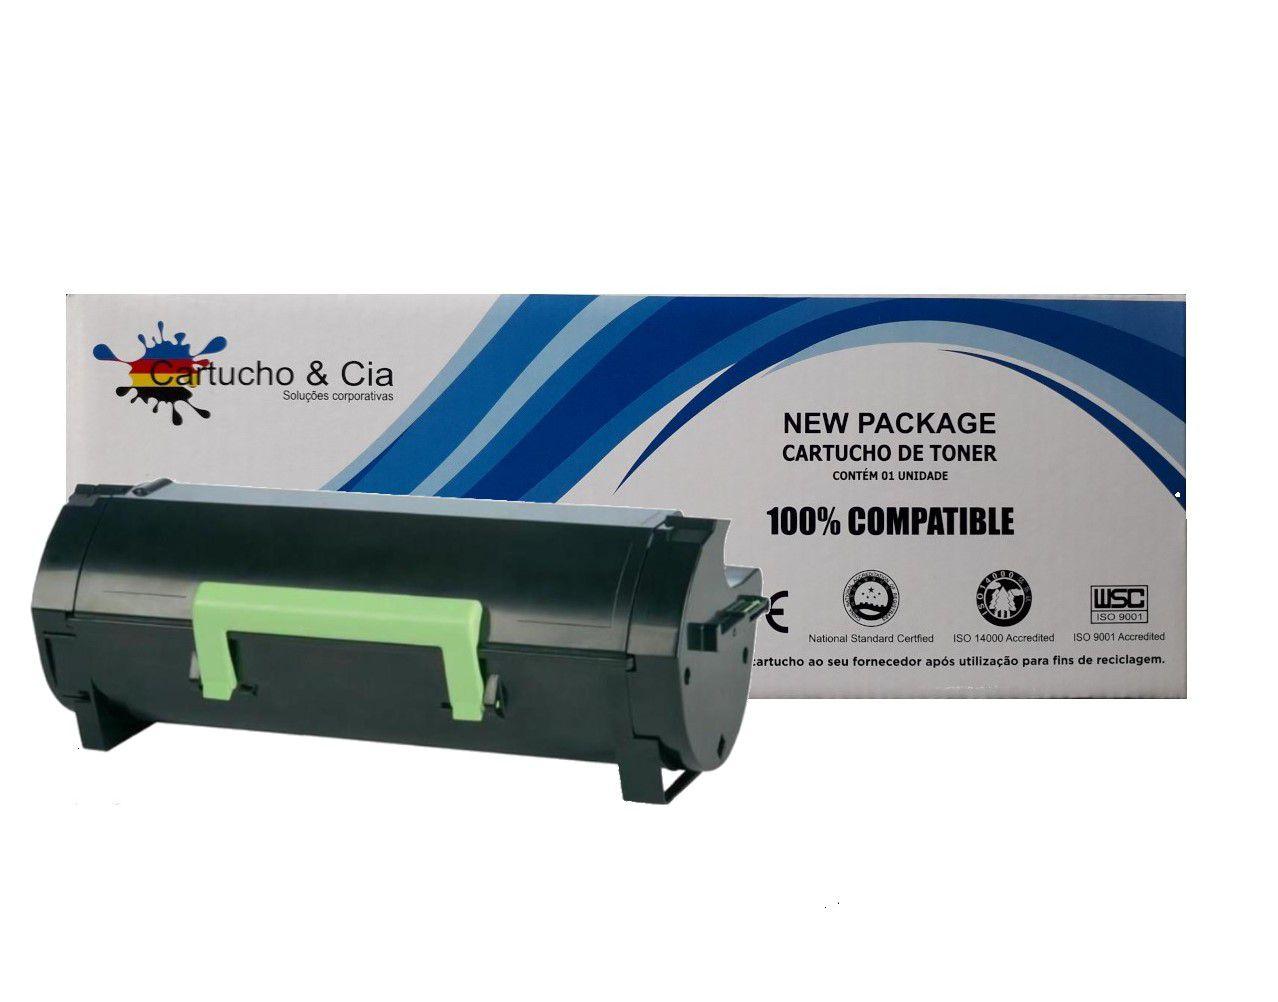 Toner compatível com Lexmark 604X MX510 MX511 MX611 Black 20.000 Páginas - Cartucho & Cia.